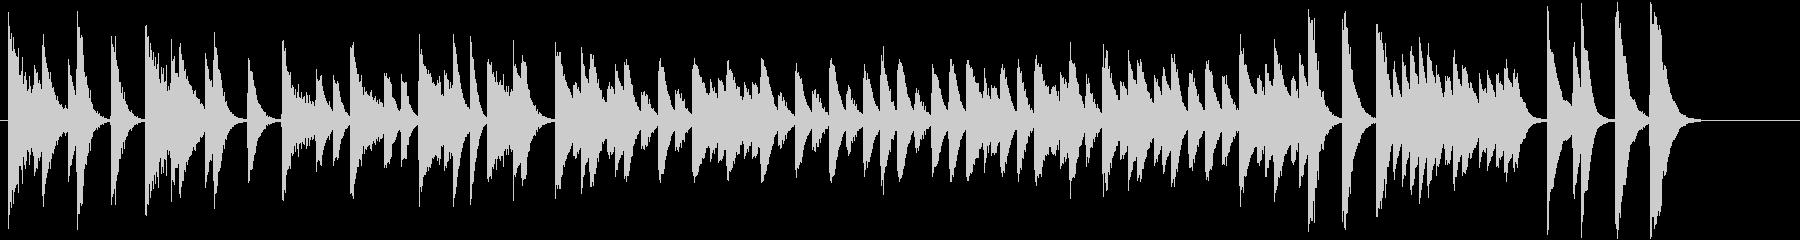 童謡・雪モチーフの冬のピアノジングルCの未再生の波形